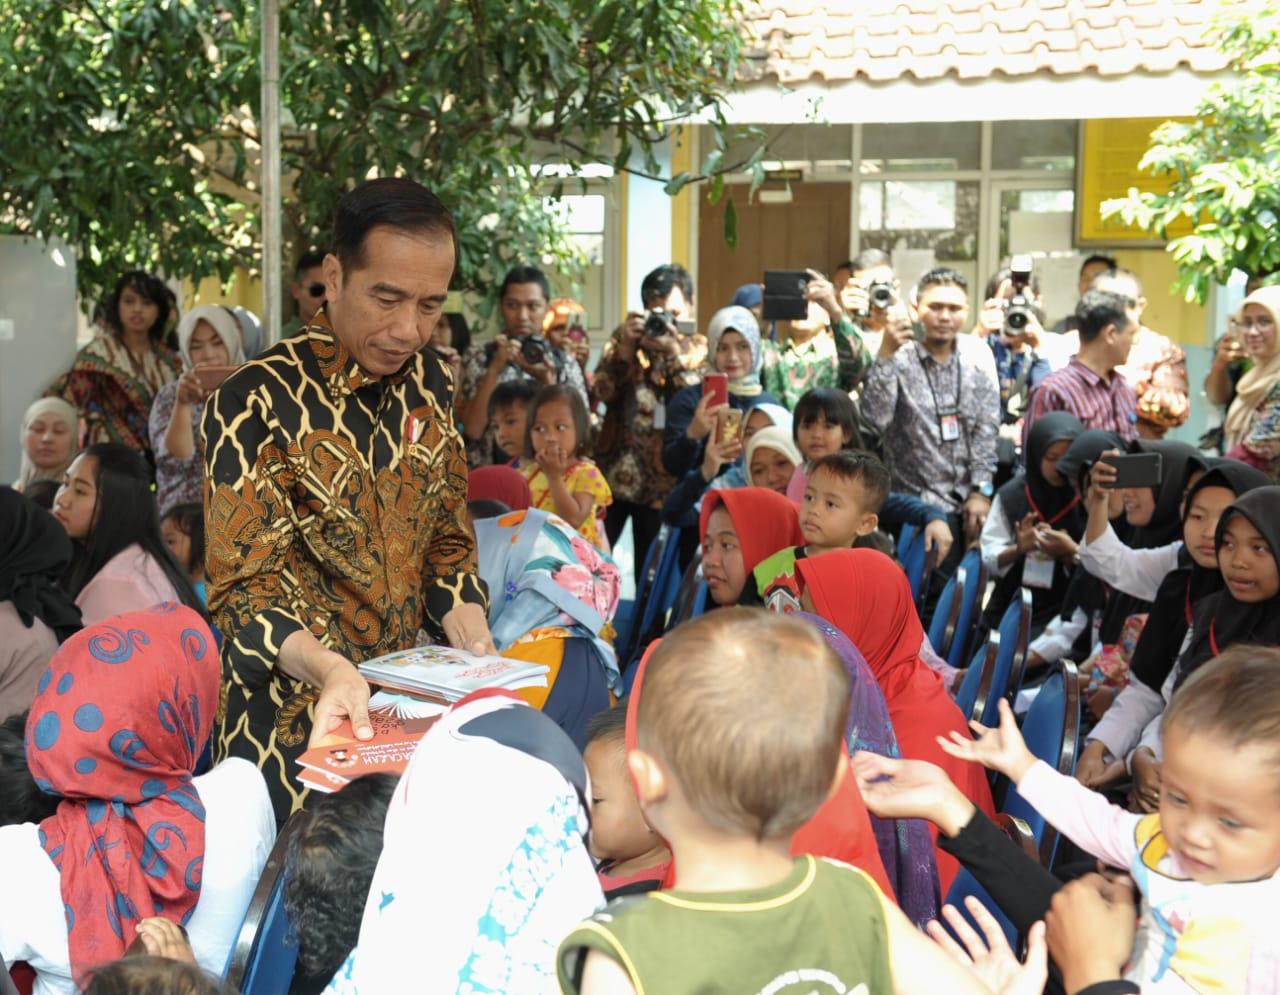 Masyarakat Banyak Berterimakasih Kepada Presiden, Mendagri: Wajar, Karena Banyak yang Telah Dikerjakan Pak Jokowi